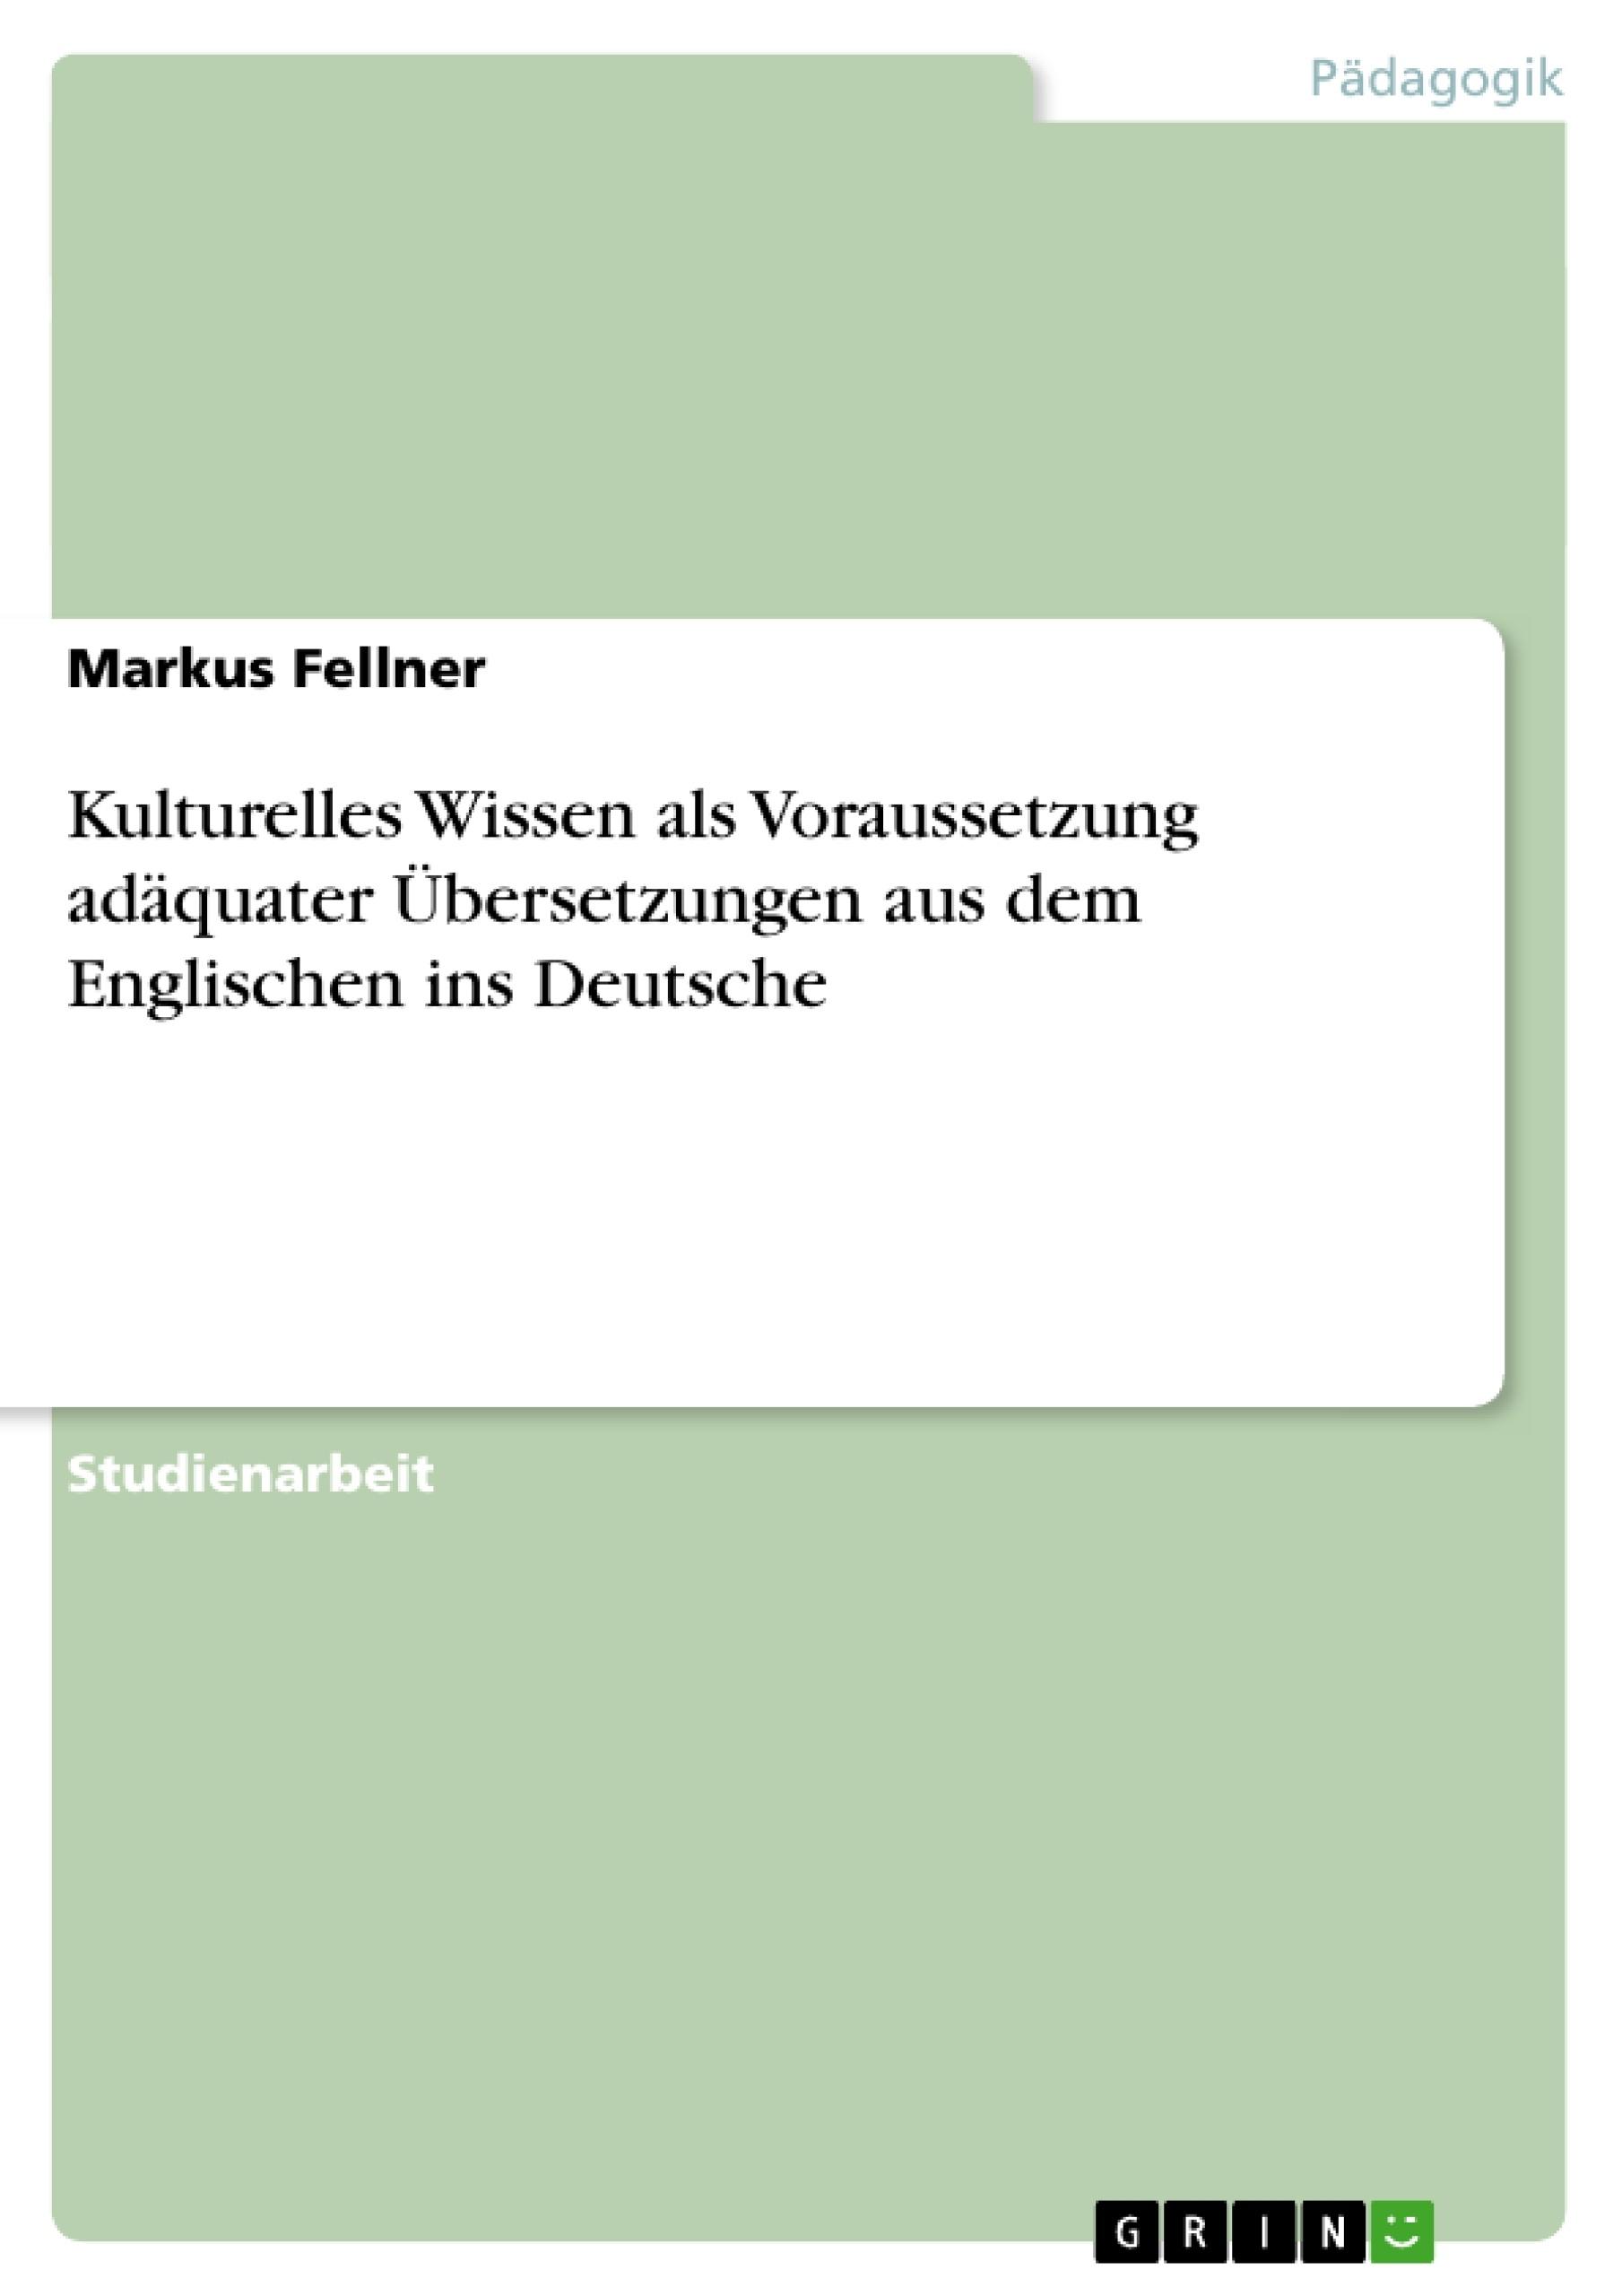 Titel: Kulturelles Wissen als Voraussetzung adäquater Übersetzungen aus dem Englischen ins Deutsche